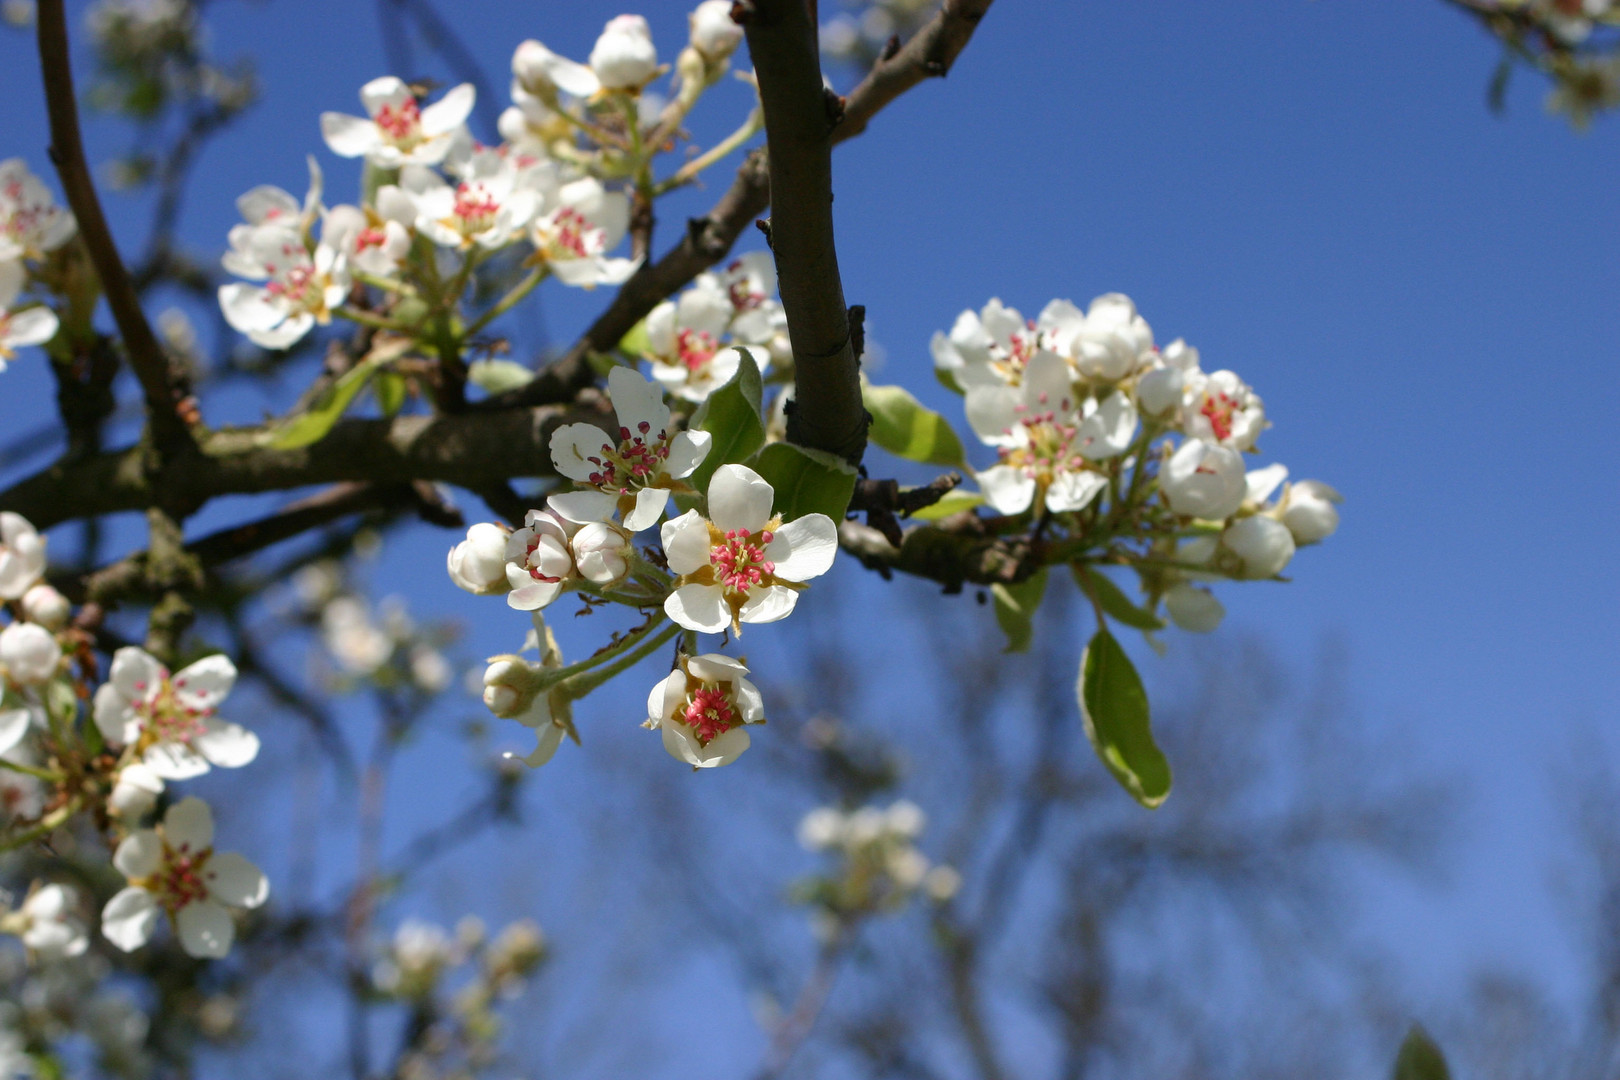 Frühling in der Rheinaue Friemersheim